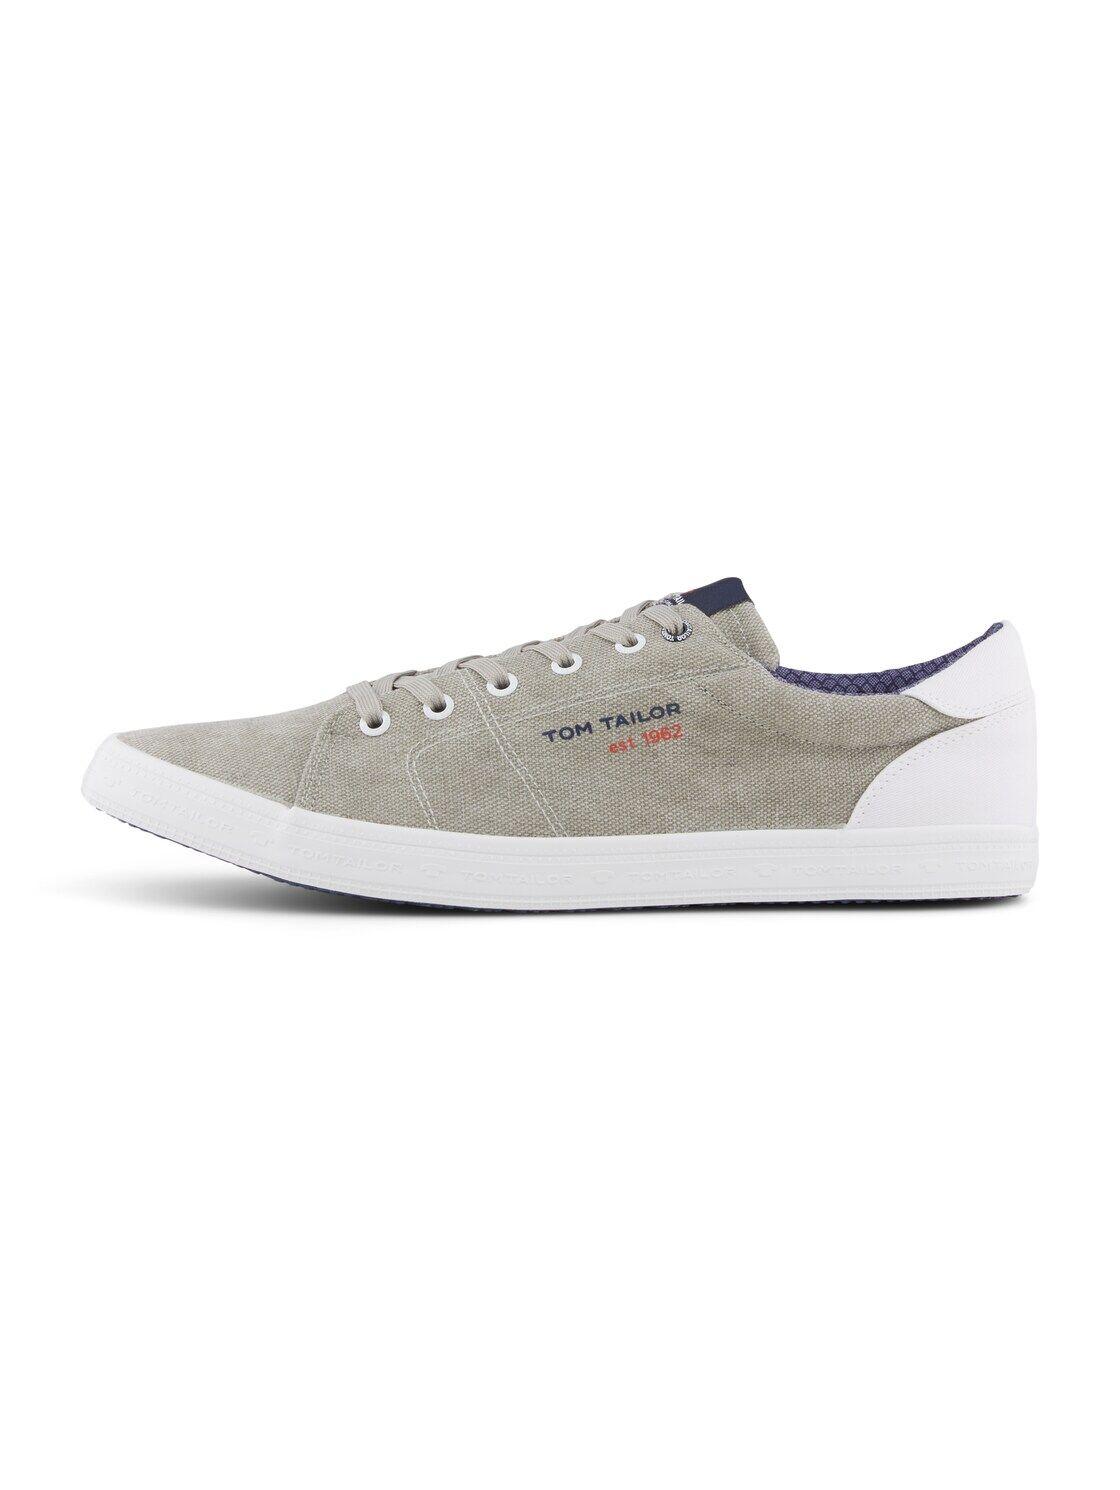 TOM TAILOR Herren Melierter Sneaker, grau, Gr.42